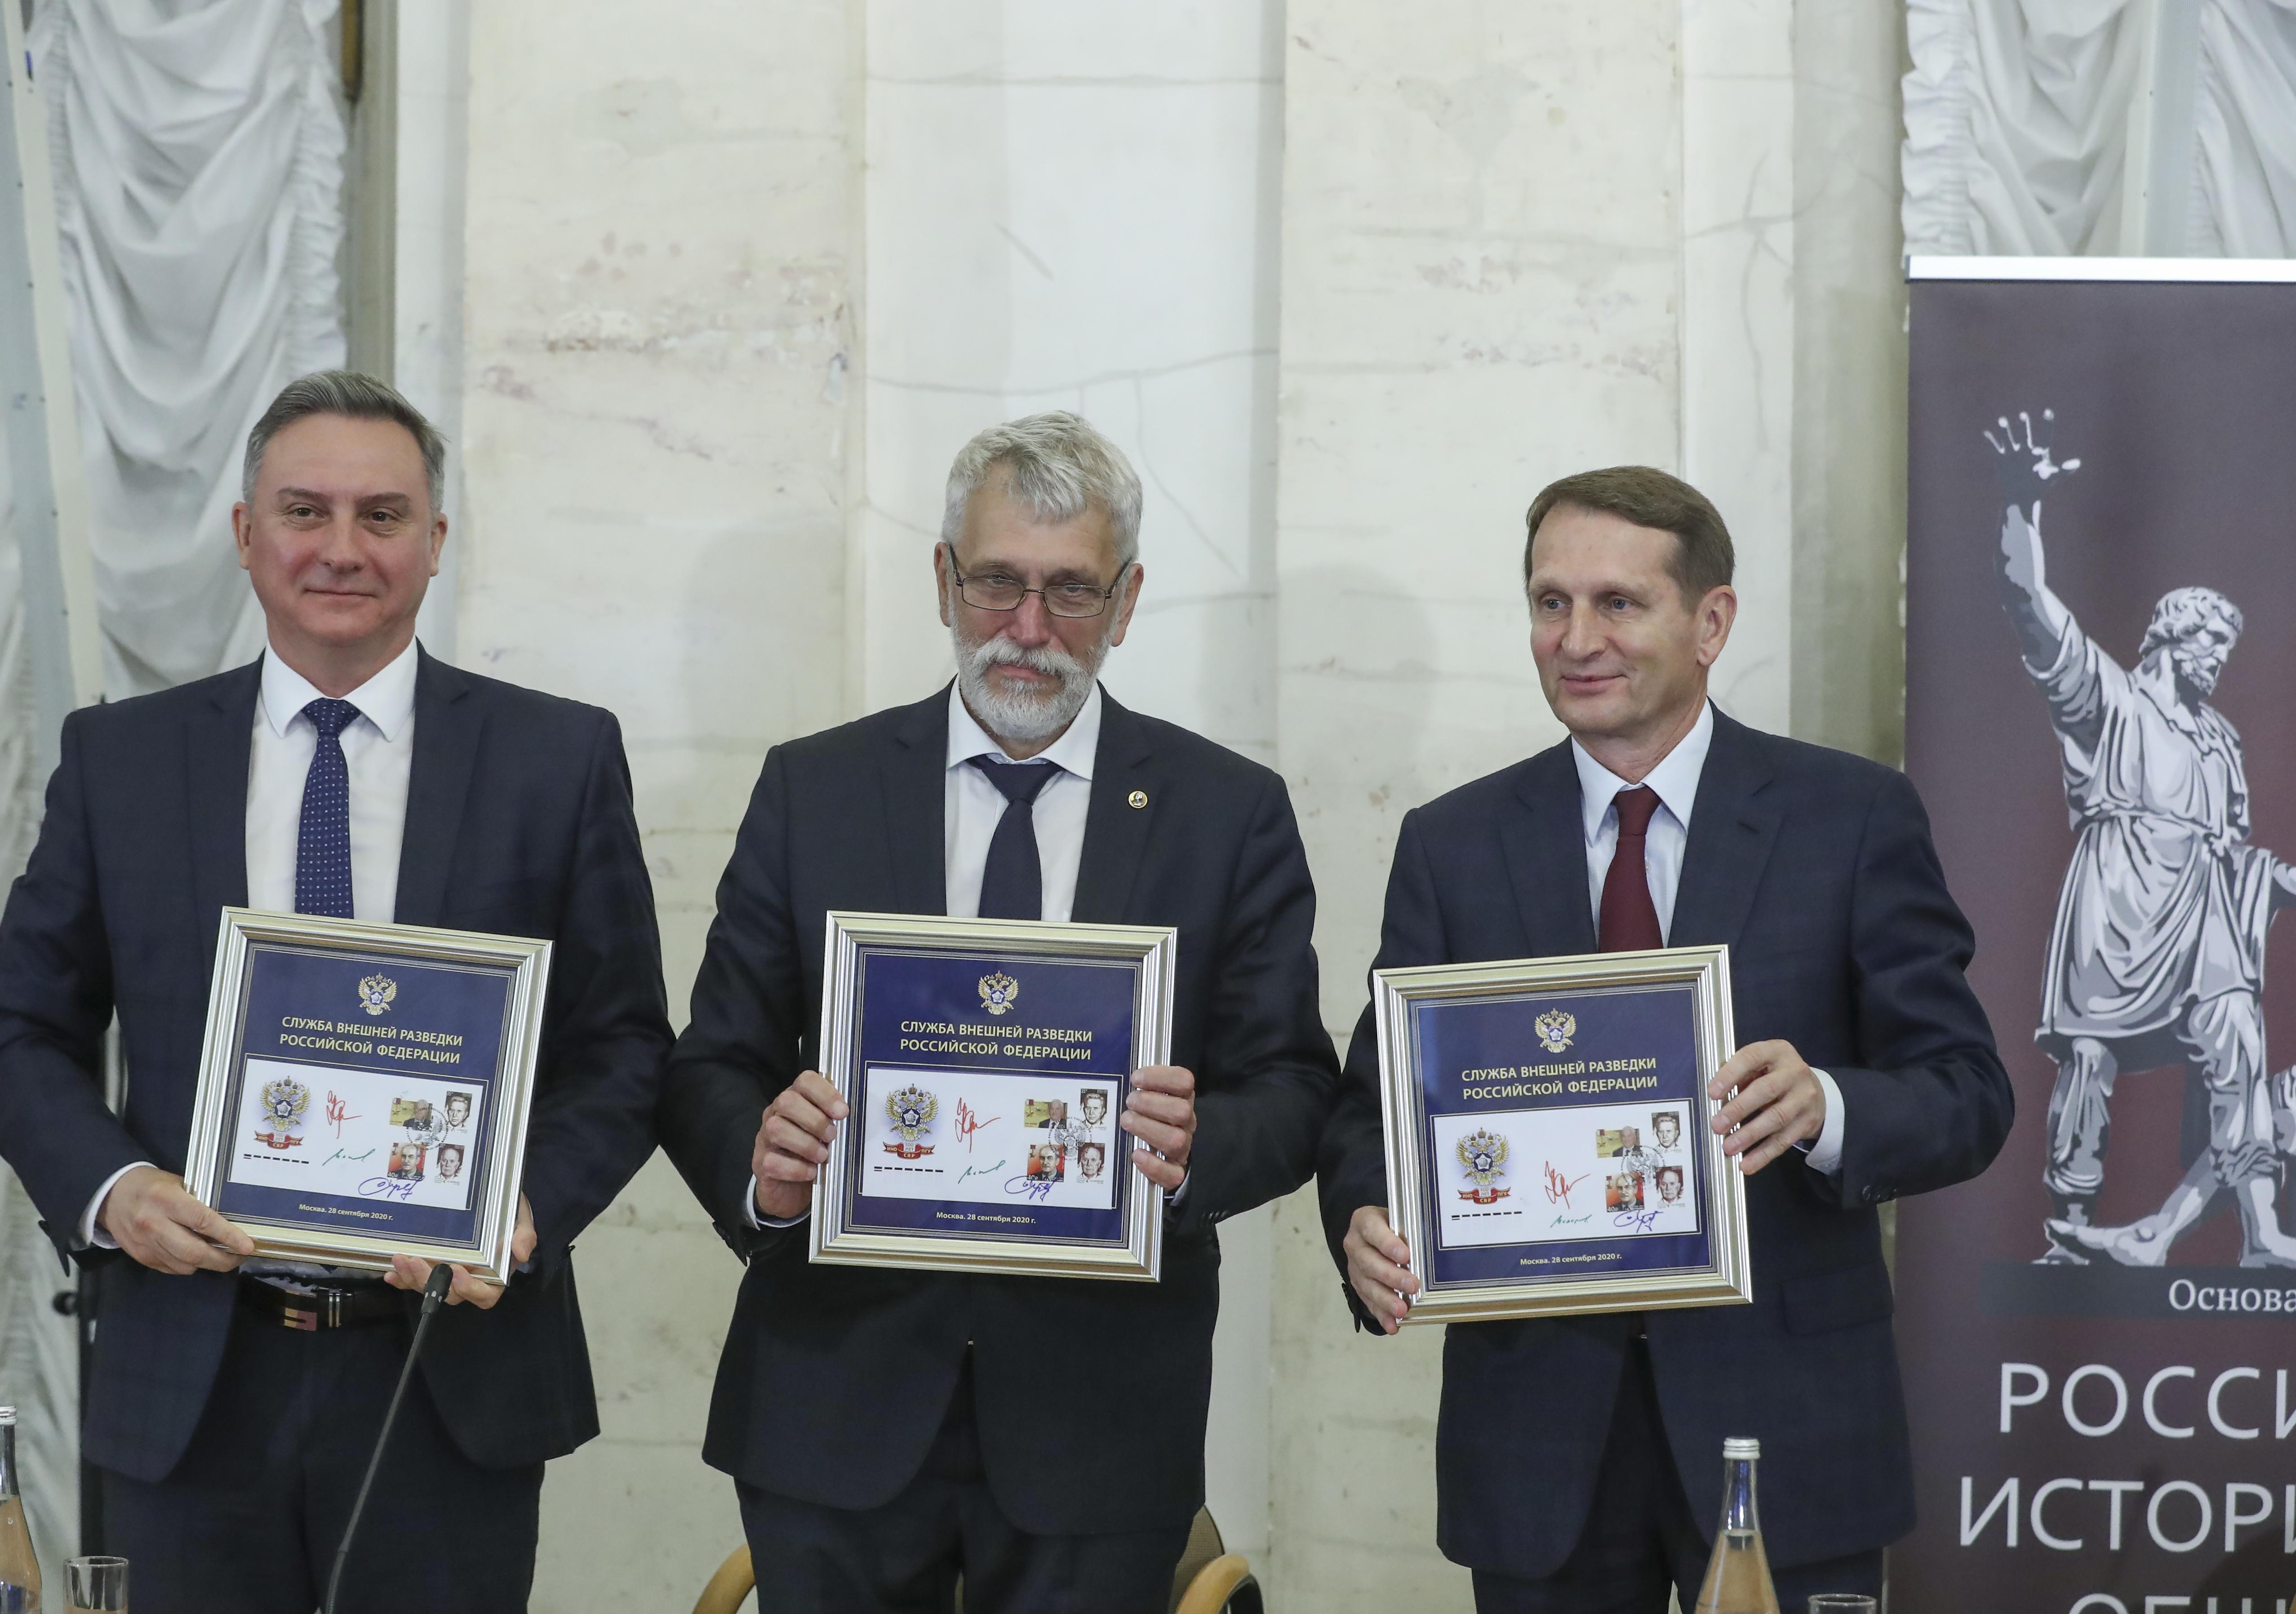 В рамках заседания также состоялась торжественная церемония гашения художественных почтовых марок, посвящённых столетию отечественной внешней разведки